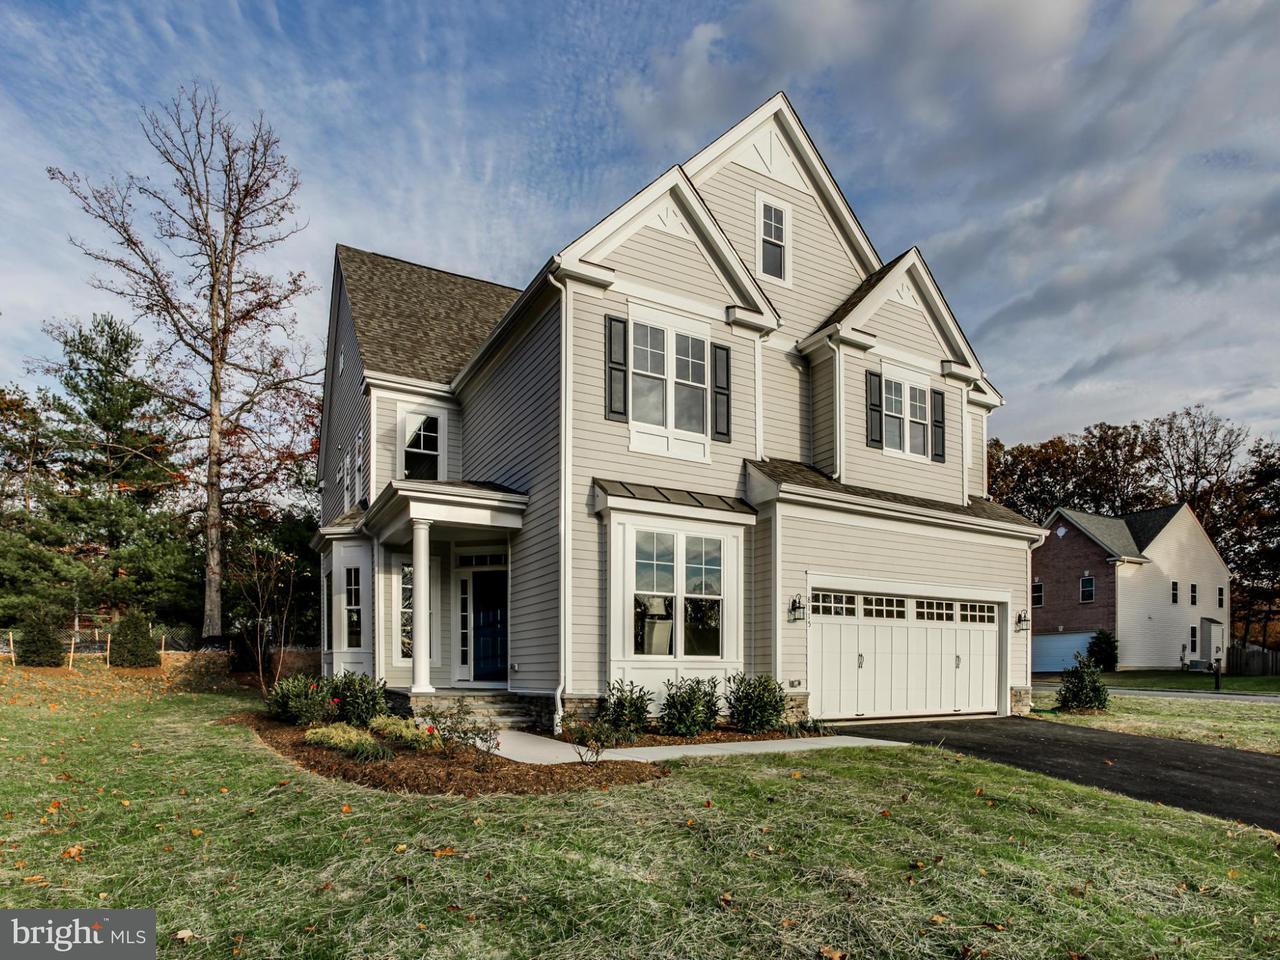 Μονοκατοικία για την Πώληση στο 8115 Asher Andrew Court 8115 Asher Andrew Court Springfield, Βιρτζινια 22153 Ηνωμενεσ Πολιτειεσ